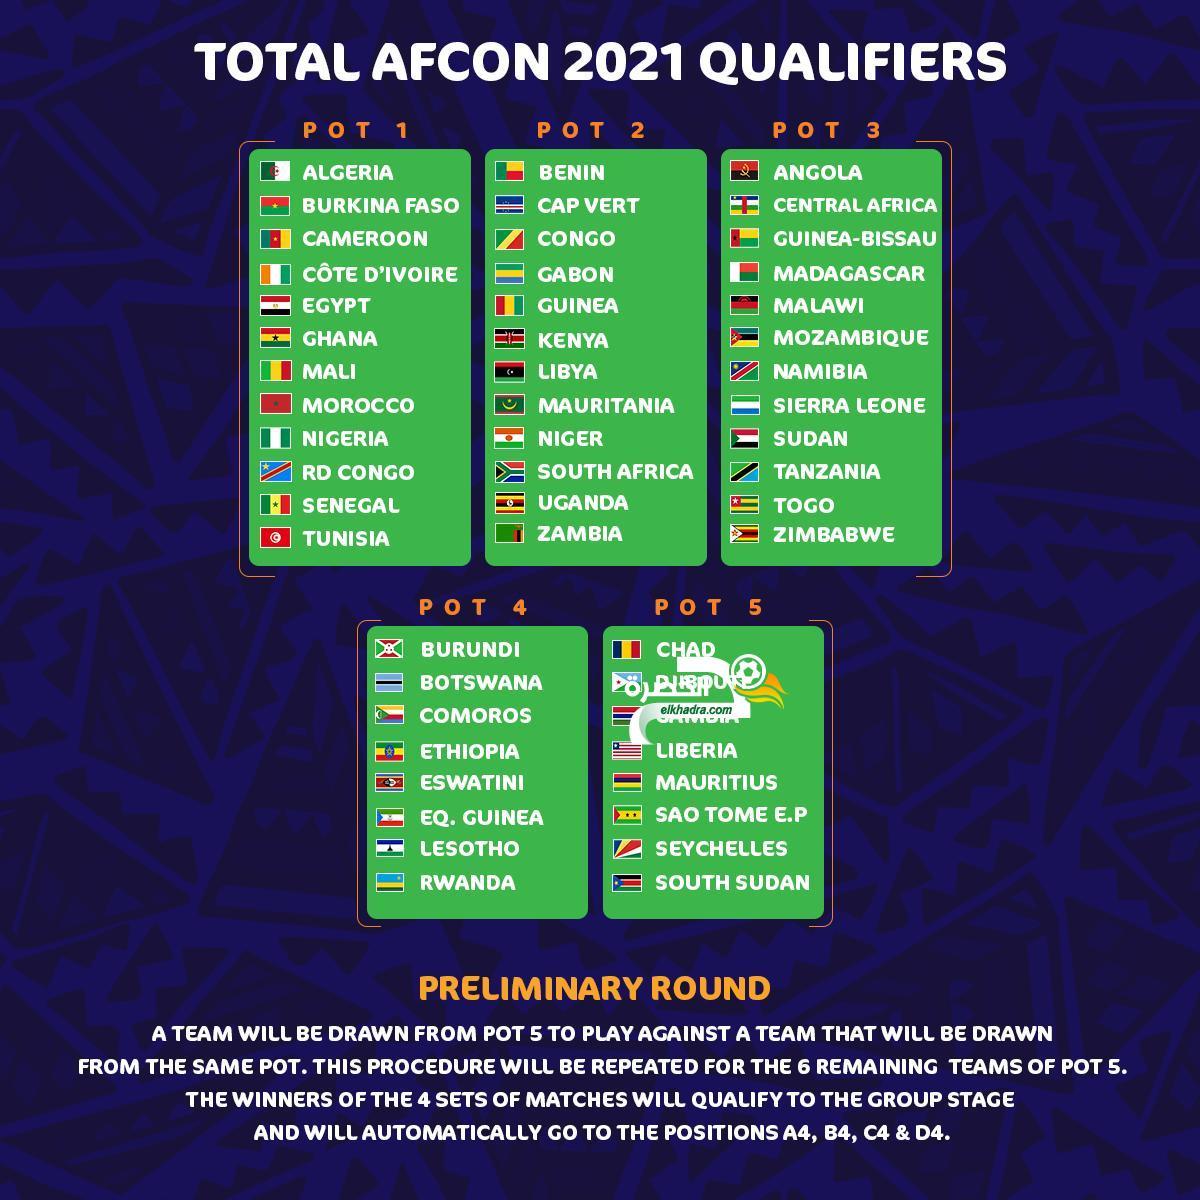 إعلان تصنيفات المنتخبات المشاركة في تصفيات كأس أمم إفريقيا 2021 24